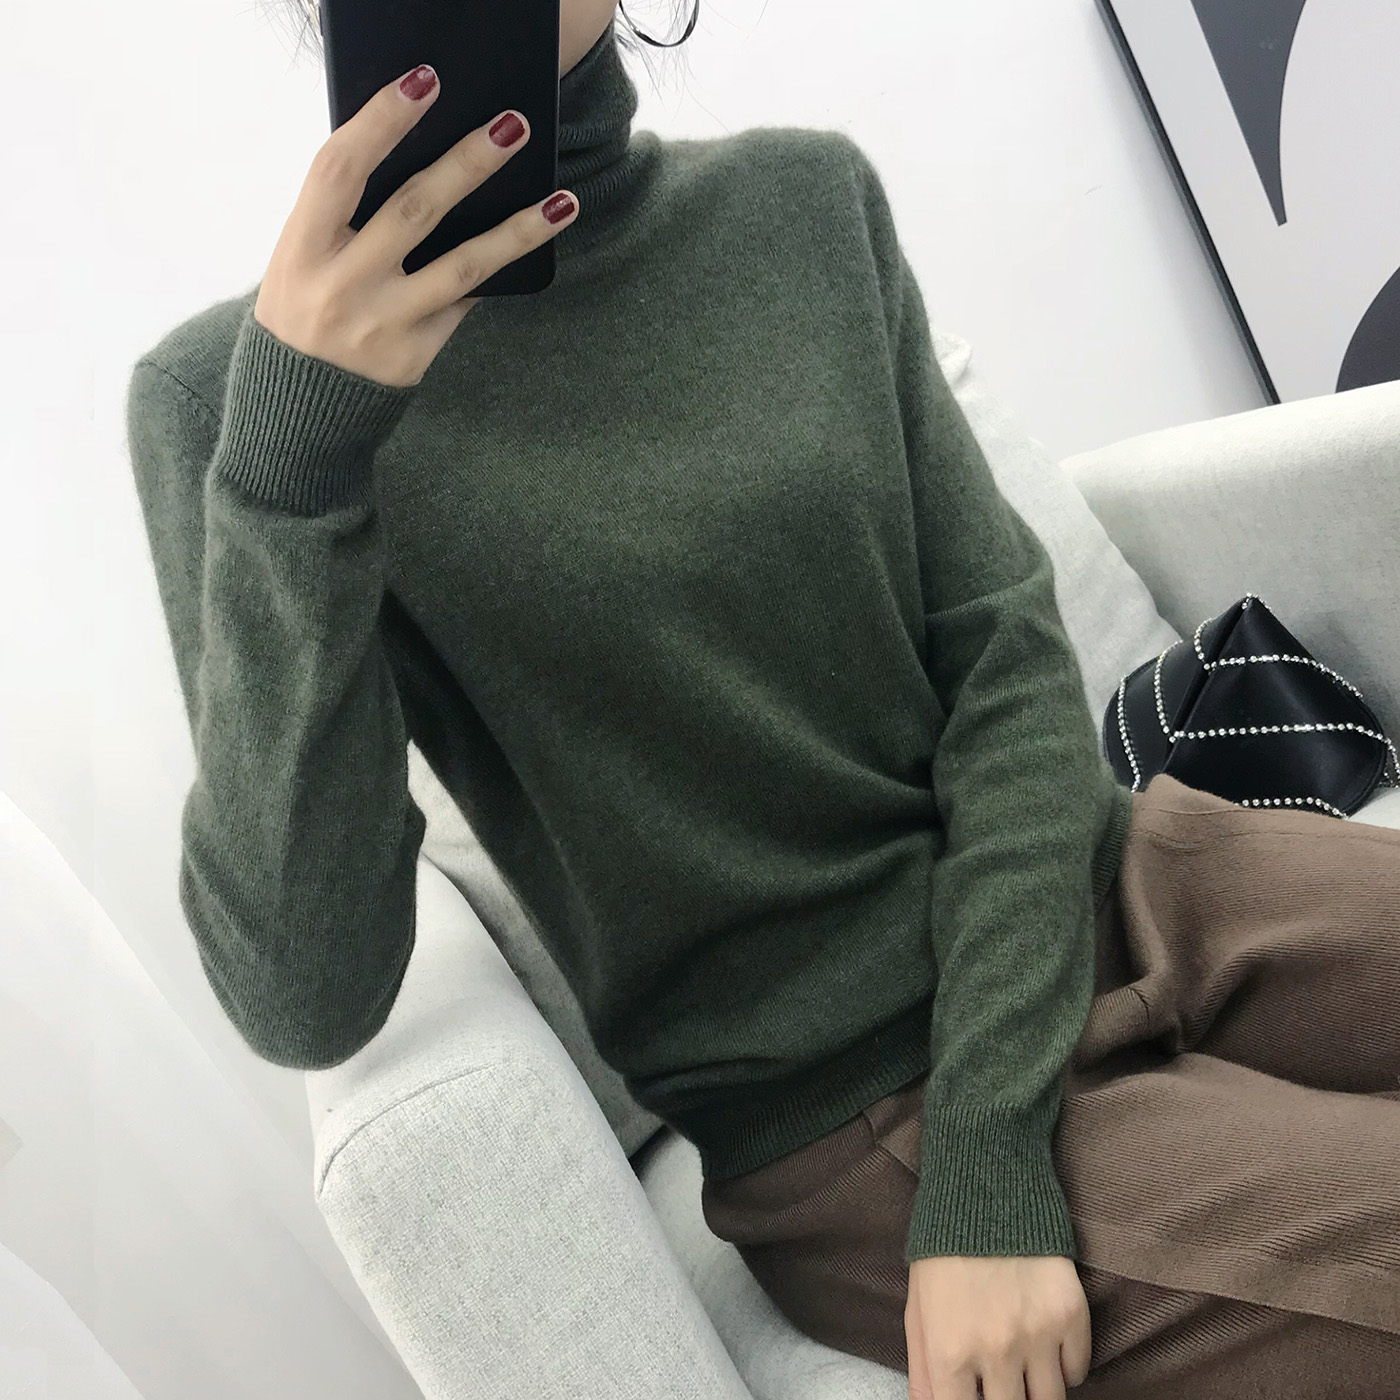 2019 Cashmere Sweater Women Turtleneck Women's Knitted Turtleneck Winter Cashmere Sweater For Women Warm Sweaters Female